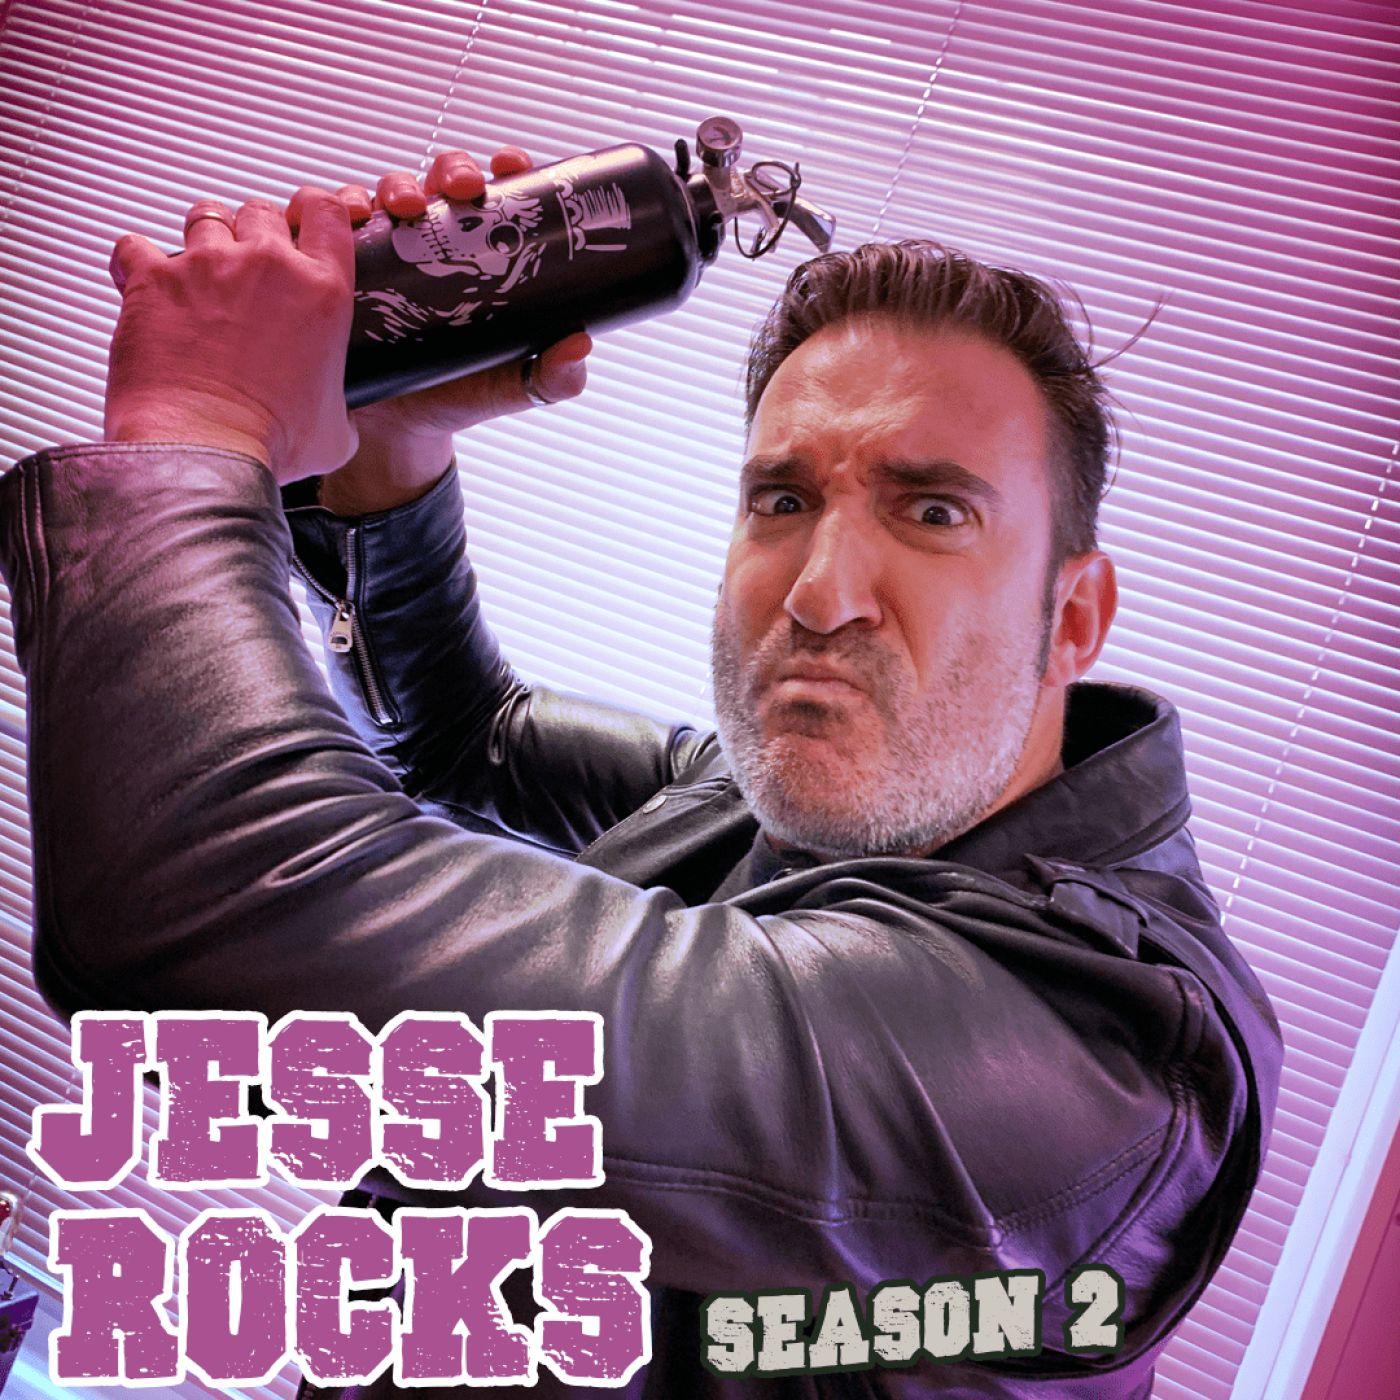 Jesse Rocks #25 Saison 2